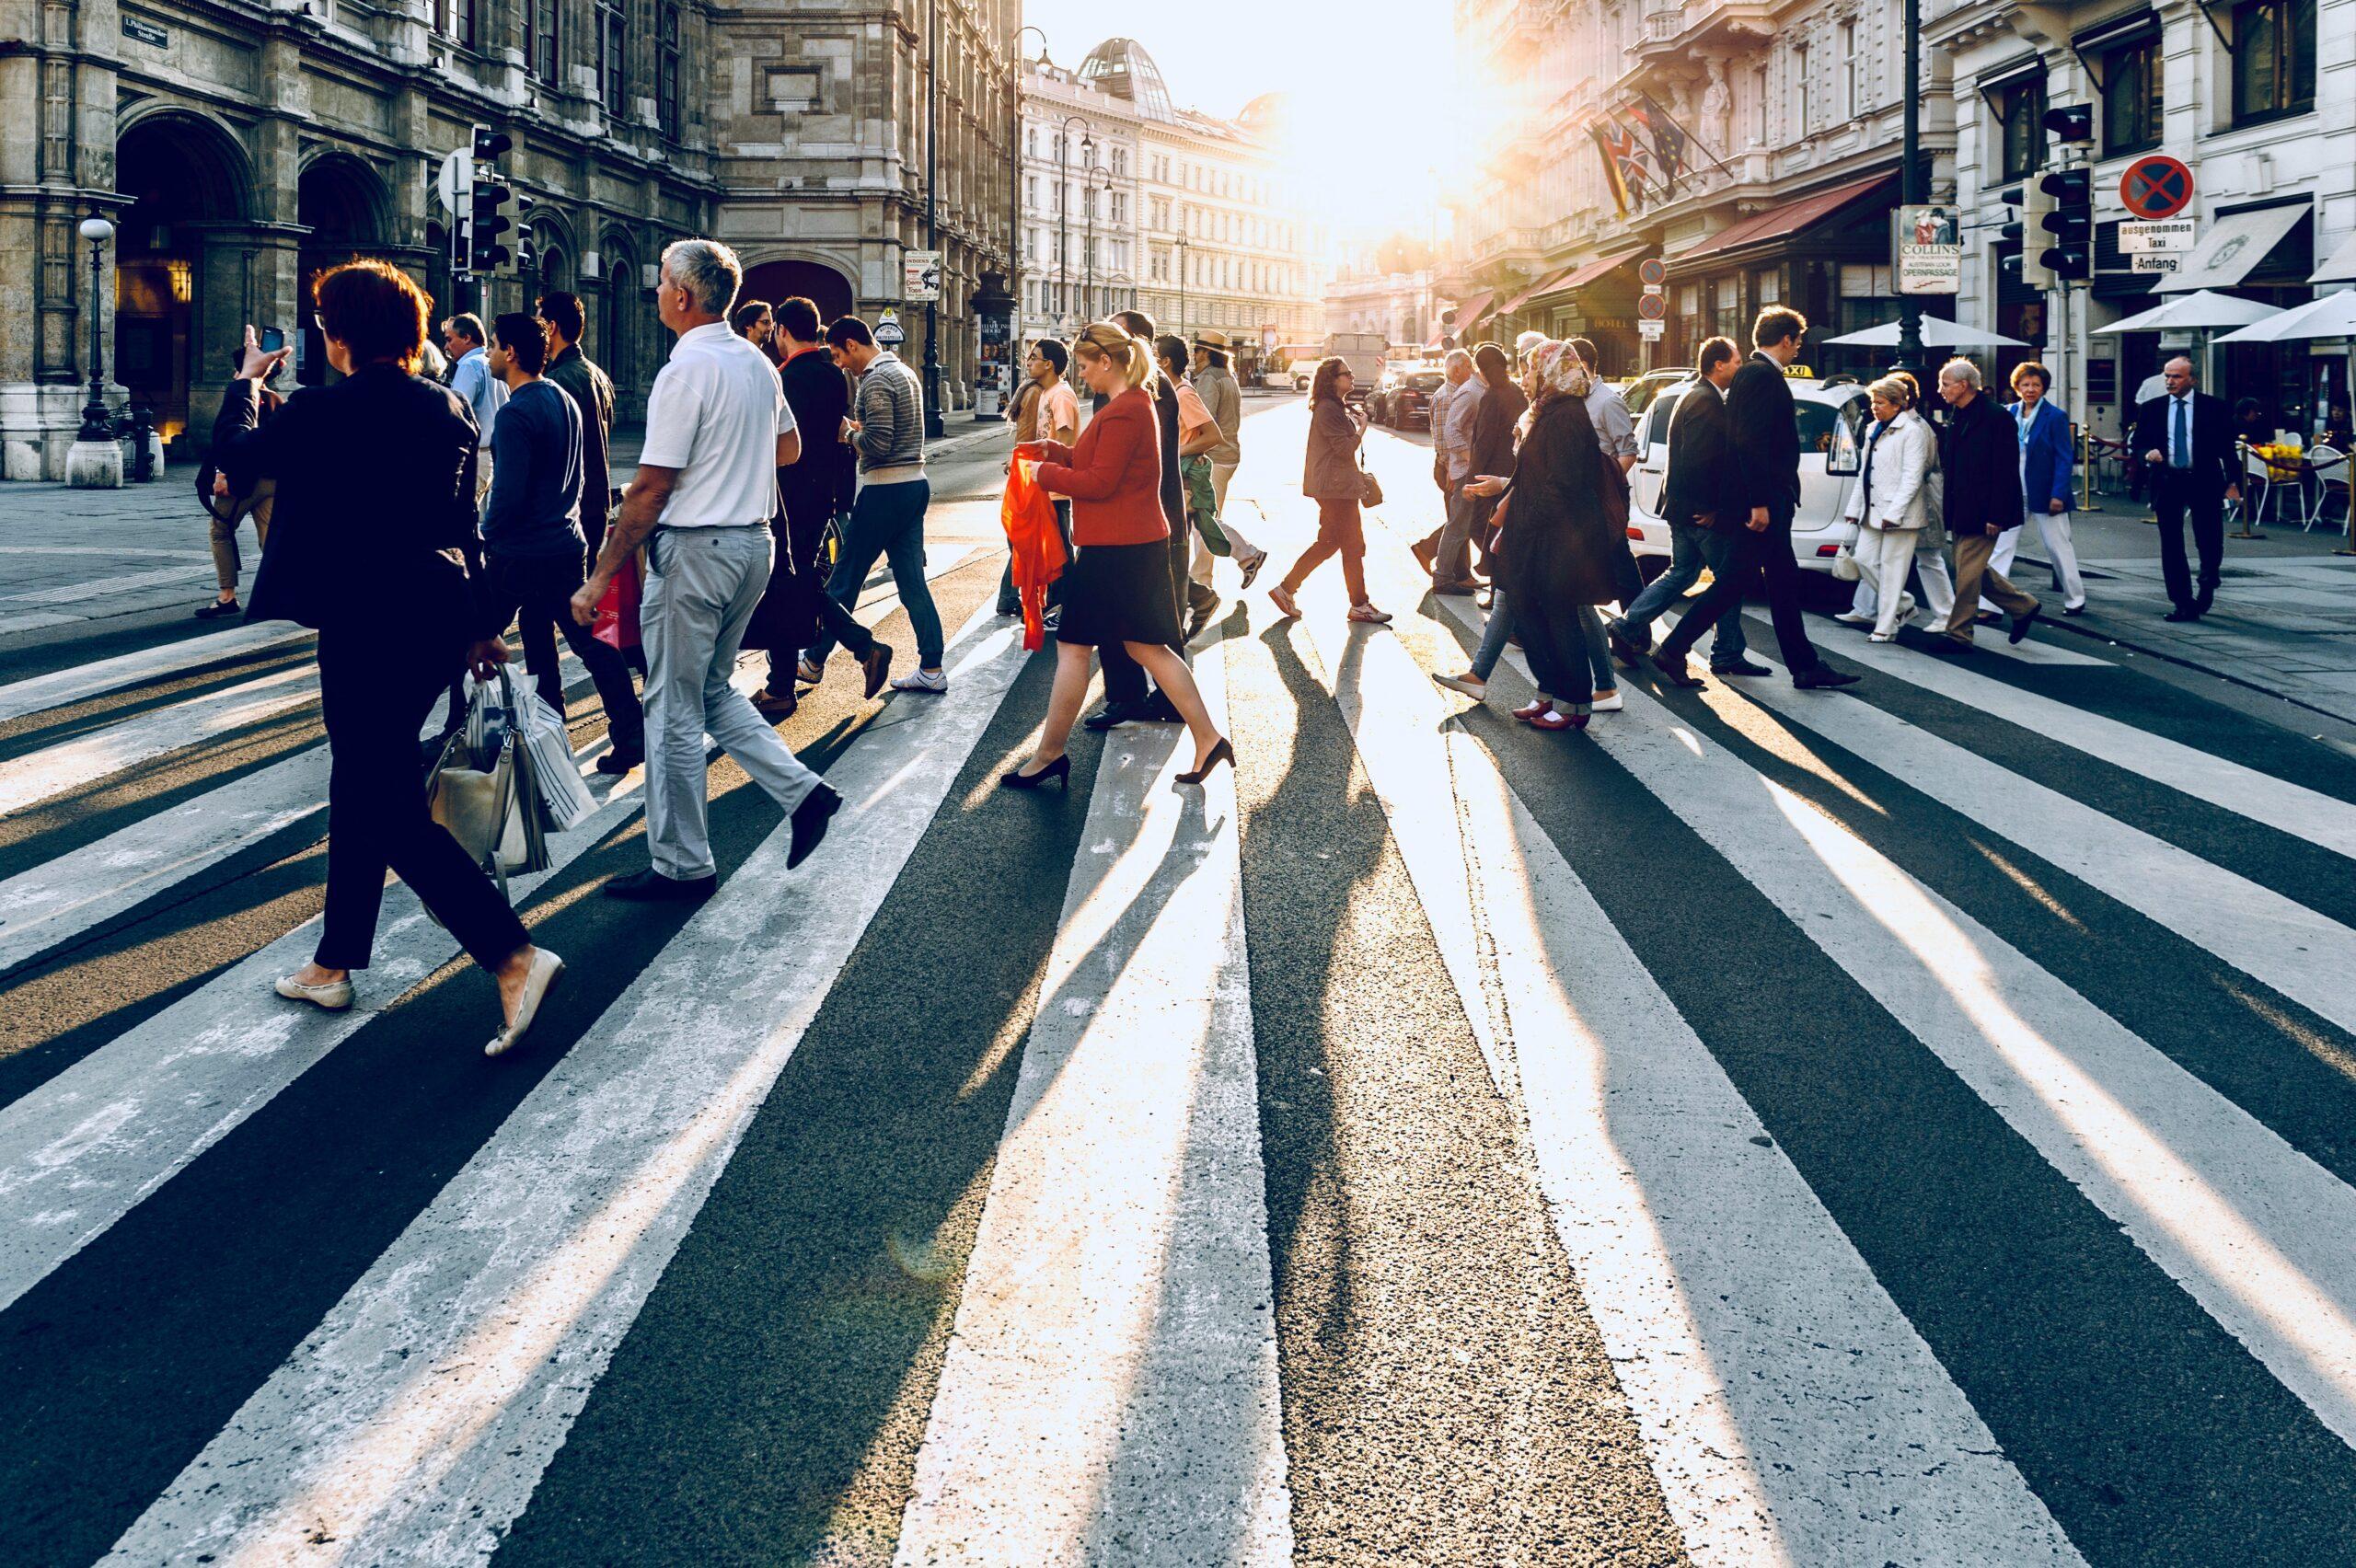 Genta cruzando las calles de New York